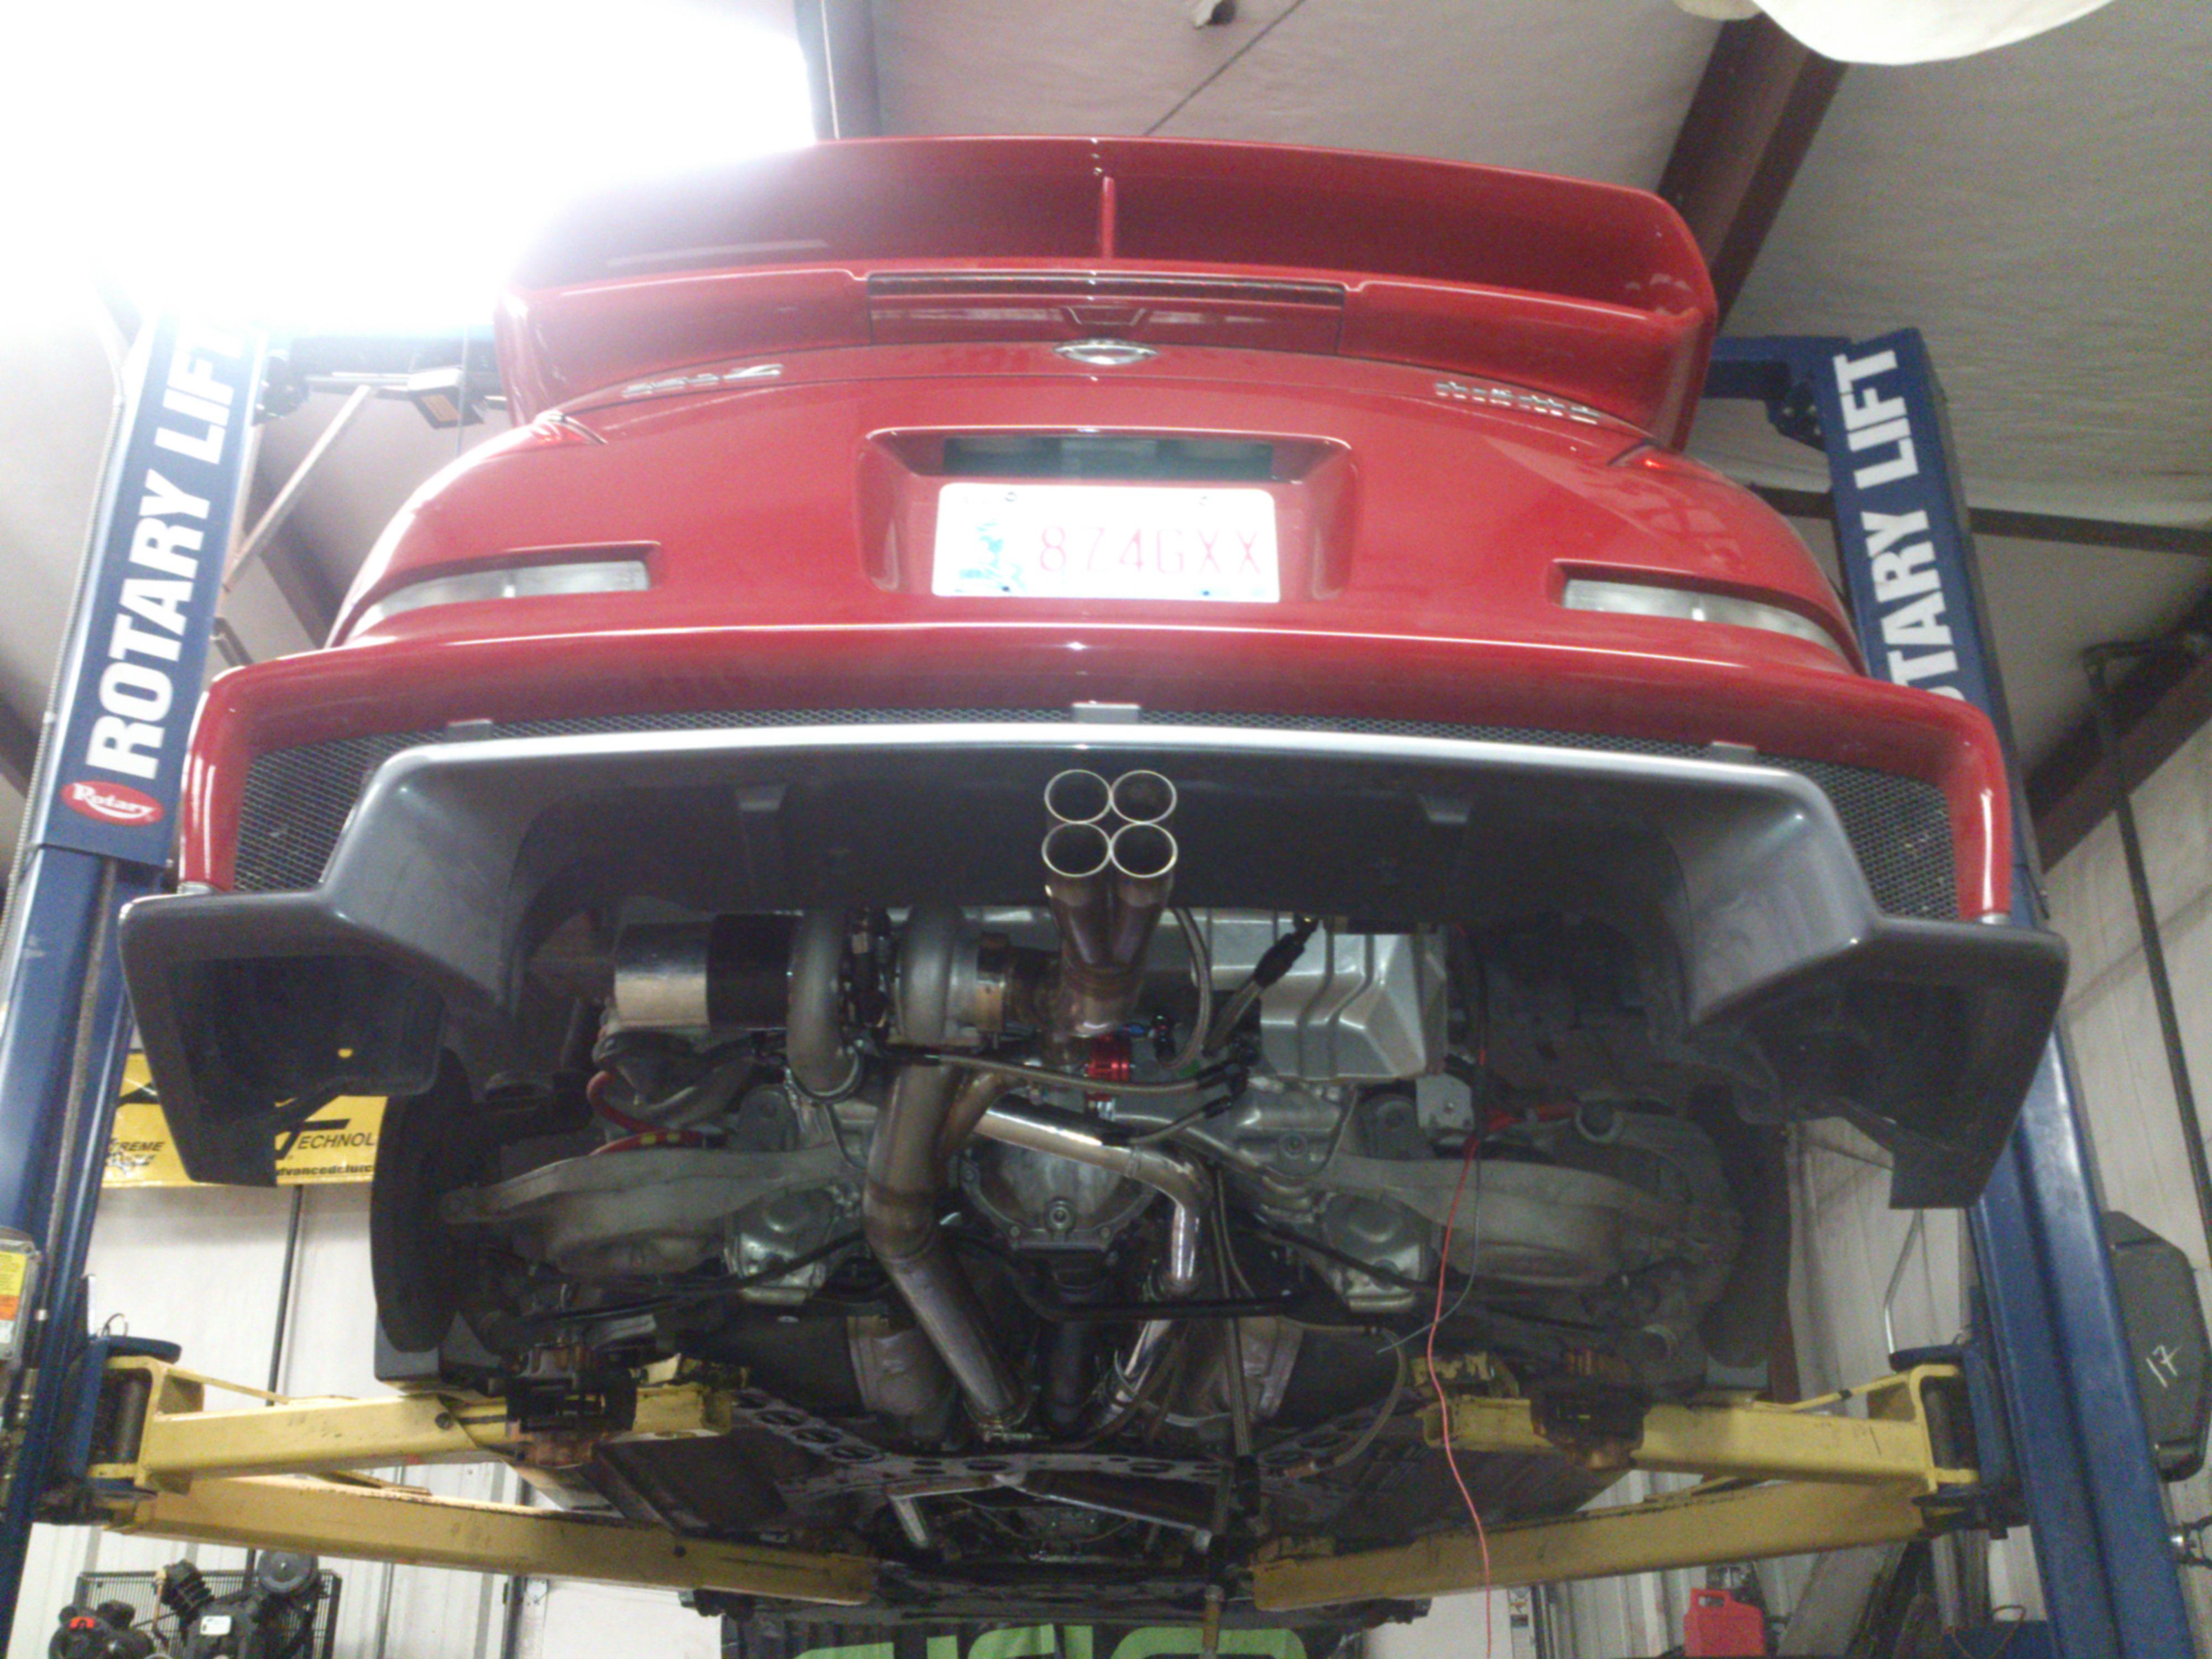 Mazda 929 Body Kit.RHINO LIP FRONT SPOILER BODY KIT For Mazda . Mazda 929 2000: Review Amazing ...